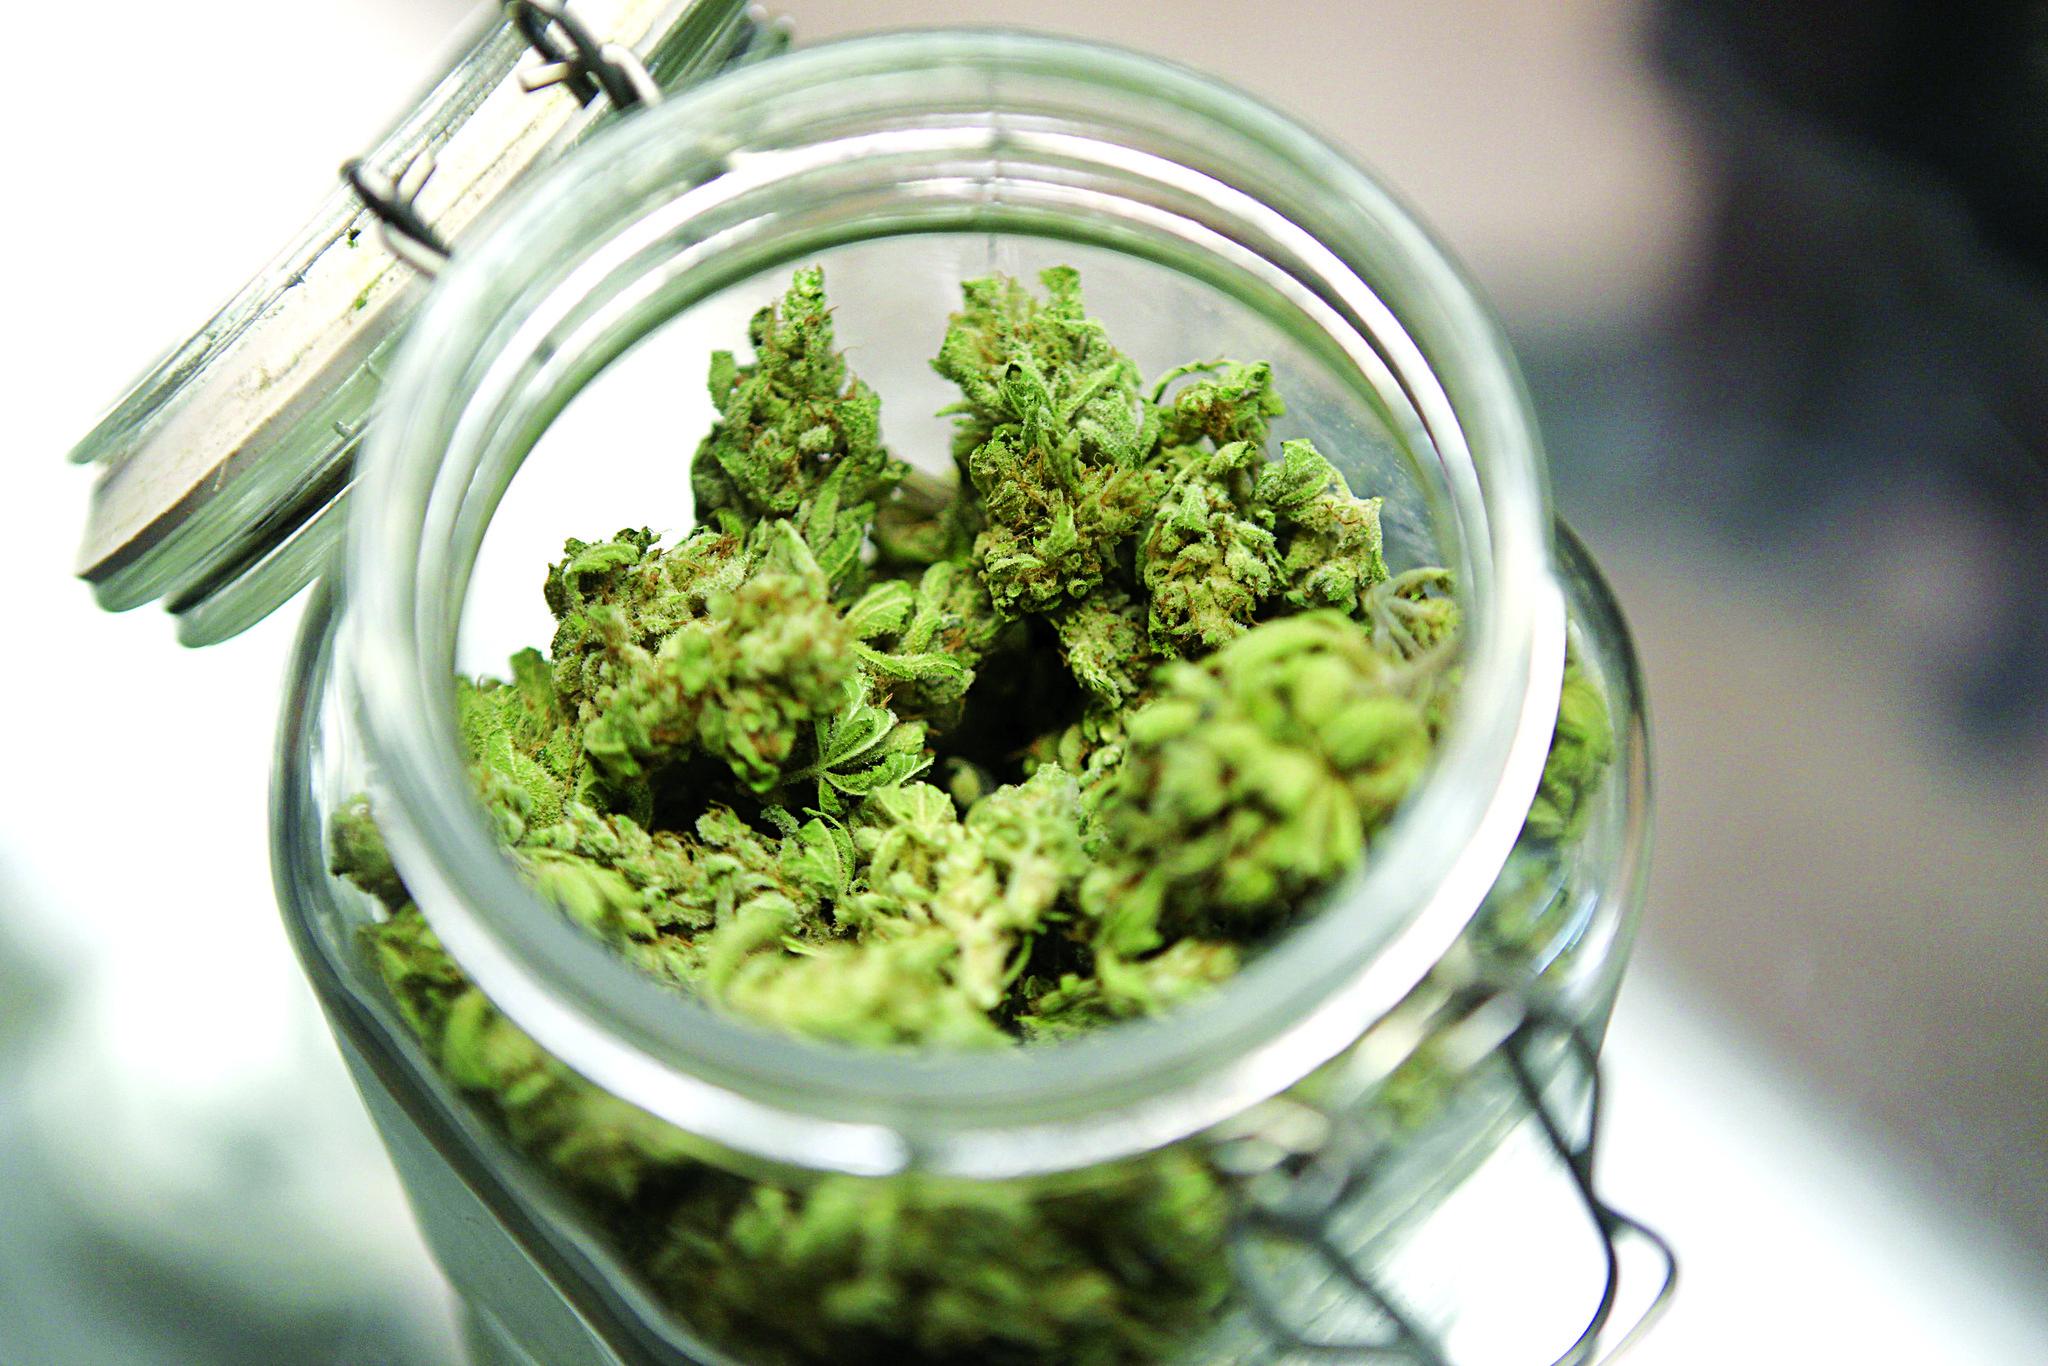 Upraw medycznej marihuany w Polsce nie będzie?!